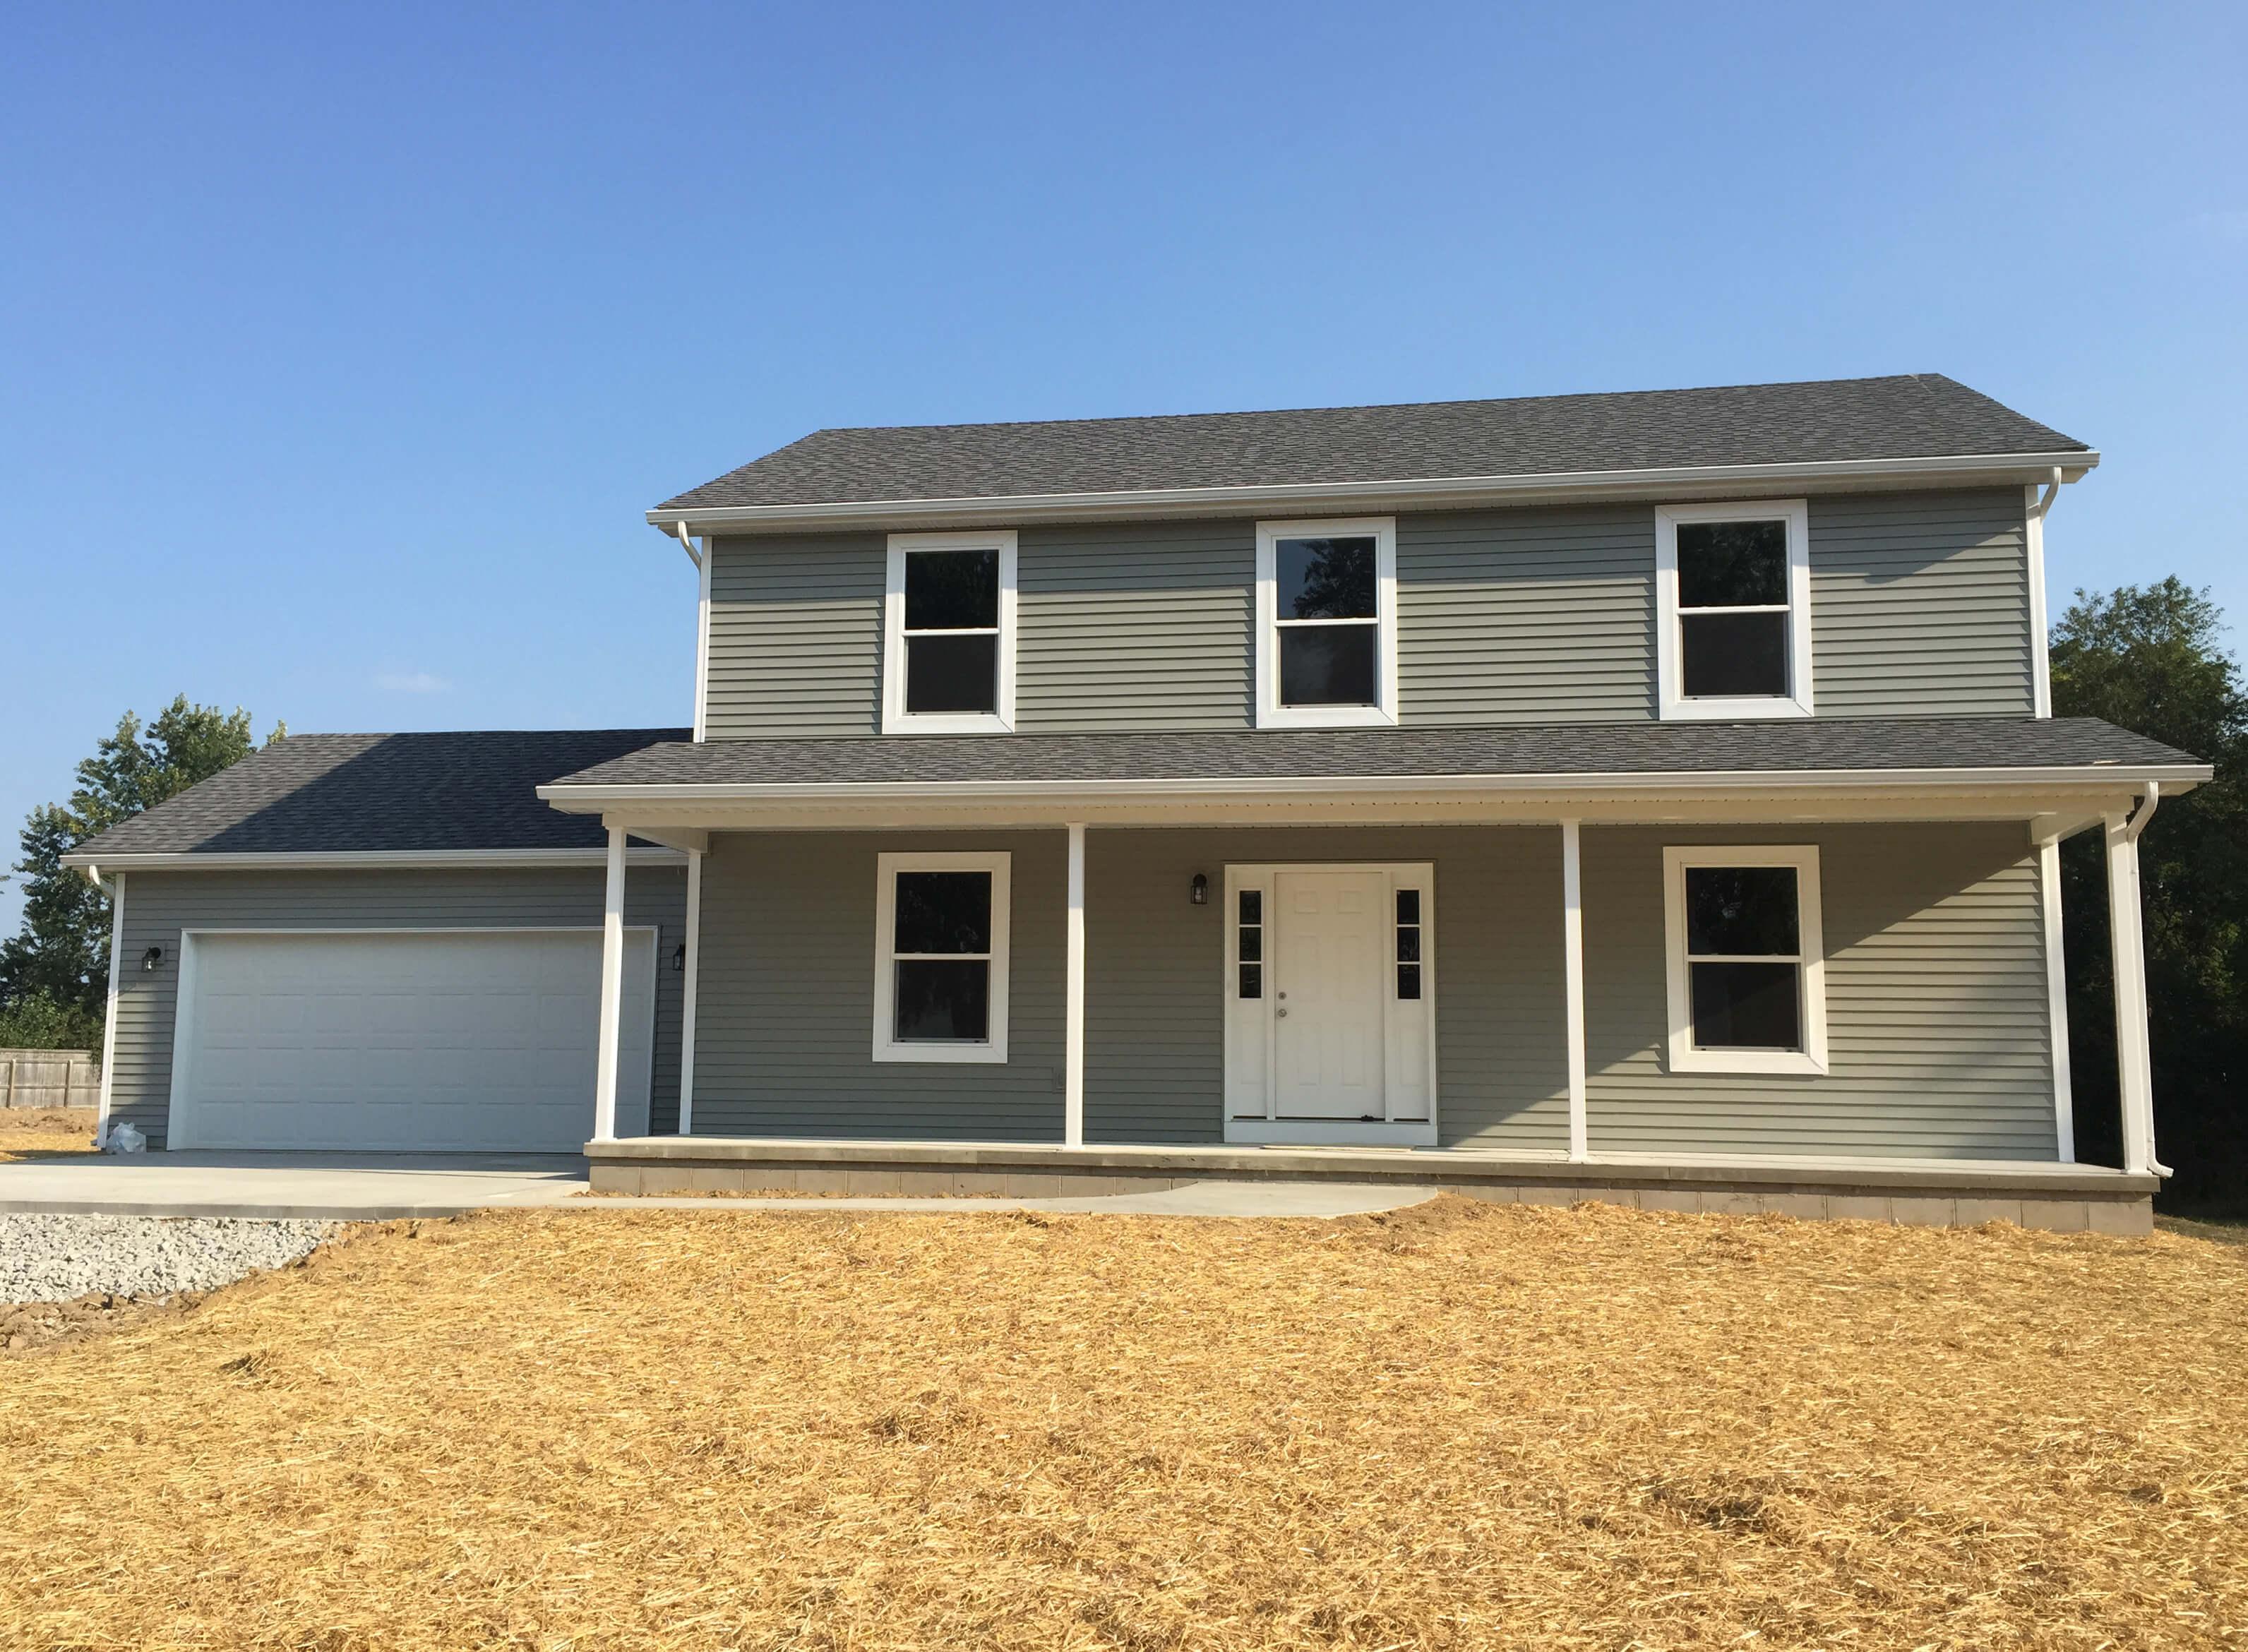 Kokena Monticello Hallmark Homes Indiana 39 S Leading On